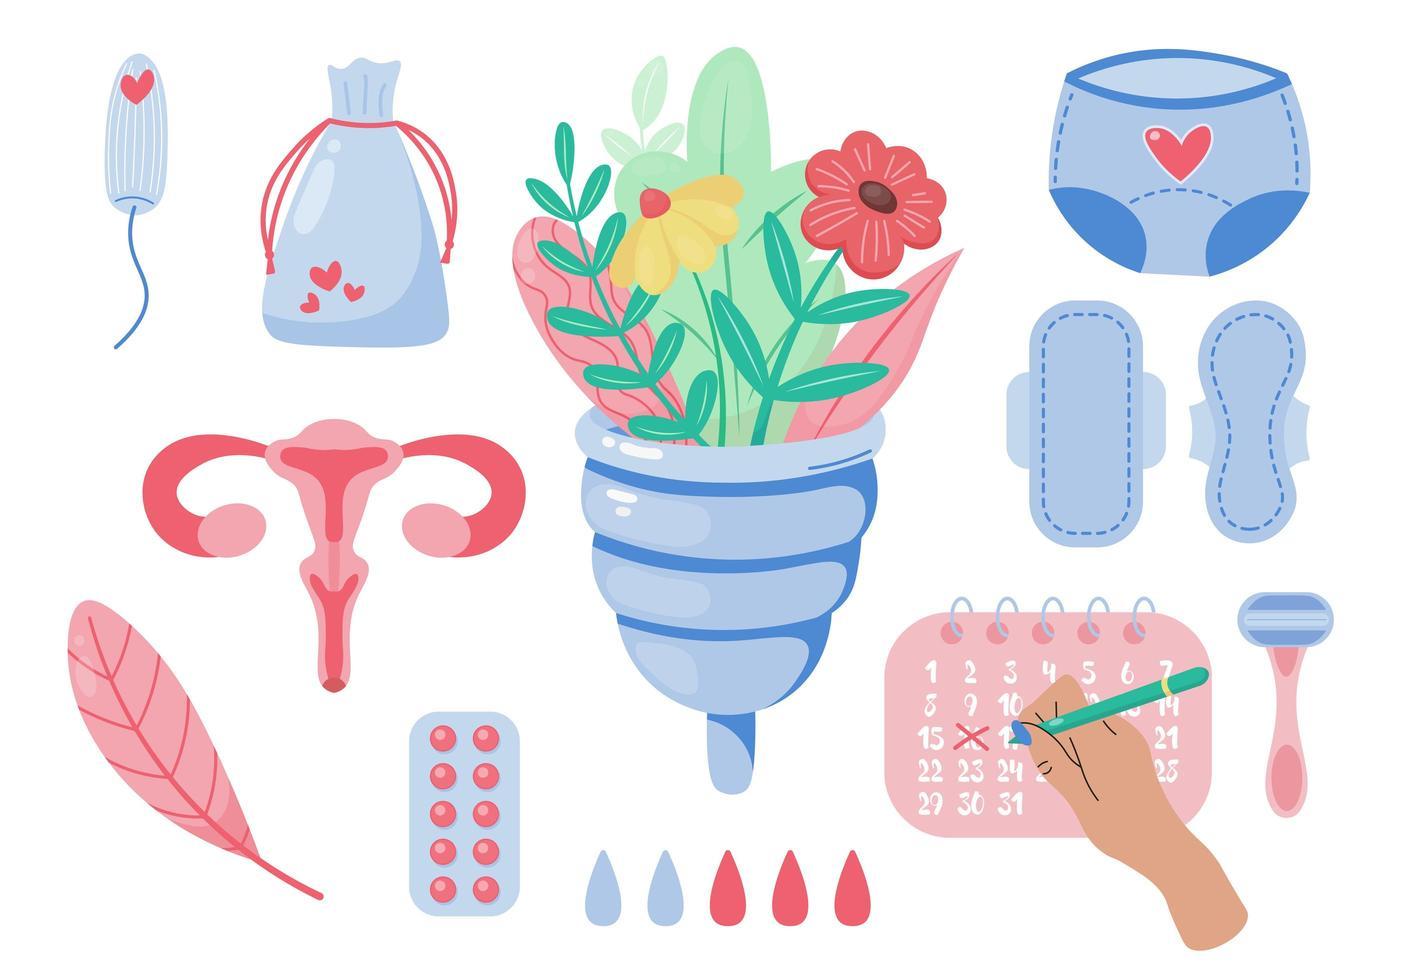 conjunto de vectores de productos de higiene femenina